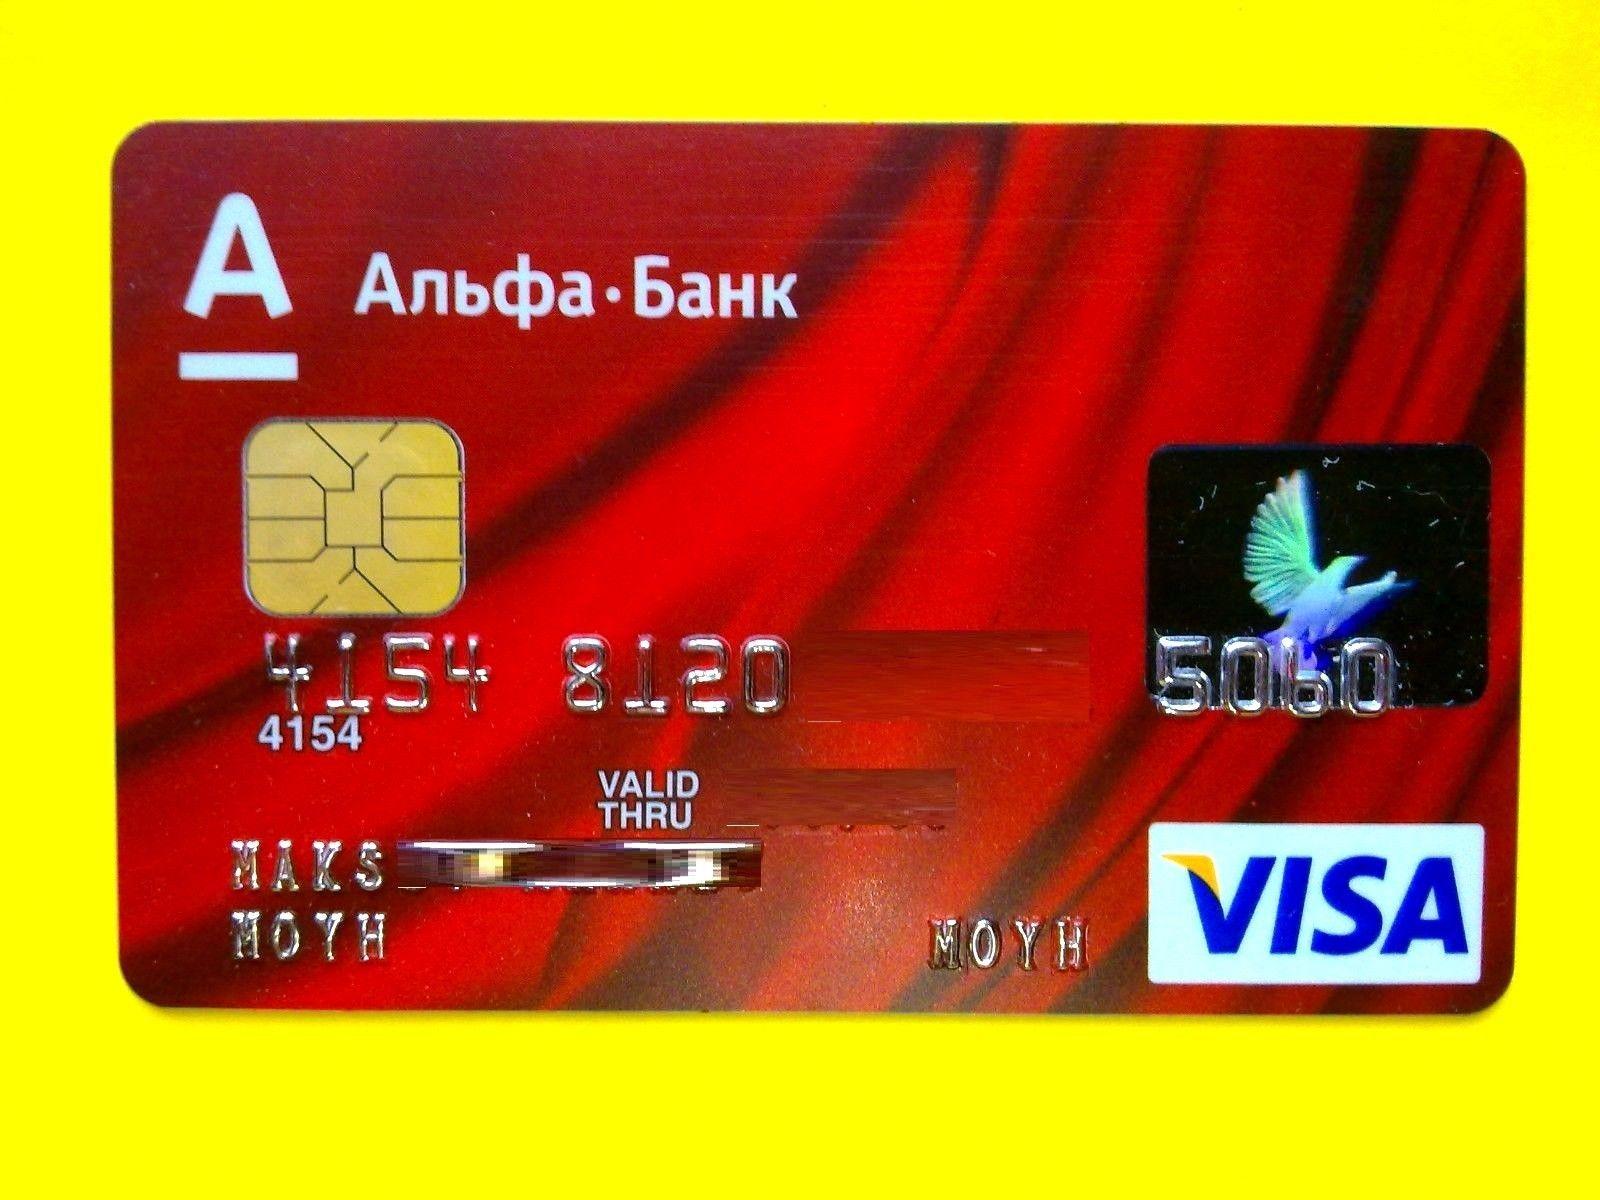 Russia Visa Alfa Bank Credit Card Predmety Dlya Kollekcij Kreditnye I Platezhnye Karty Ebay Bank Credit Cards Credit Card Cards